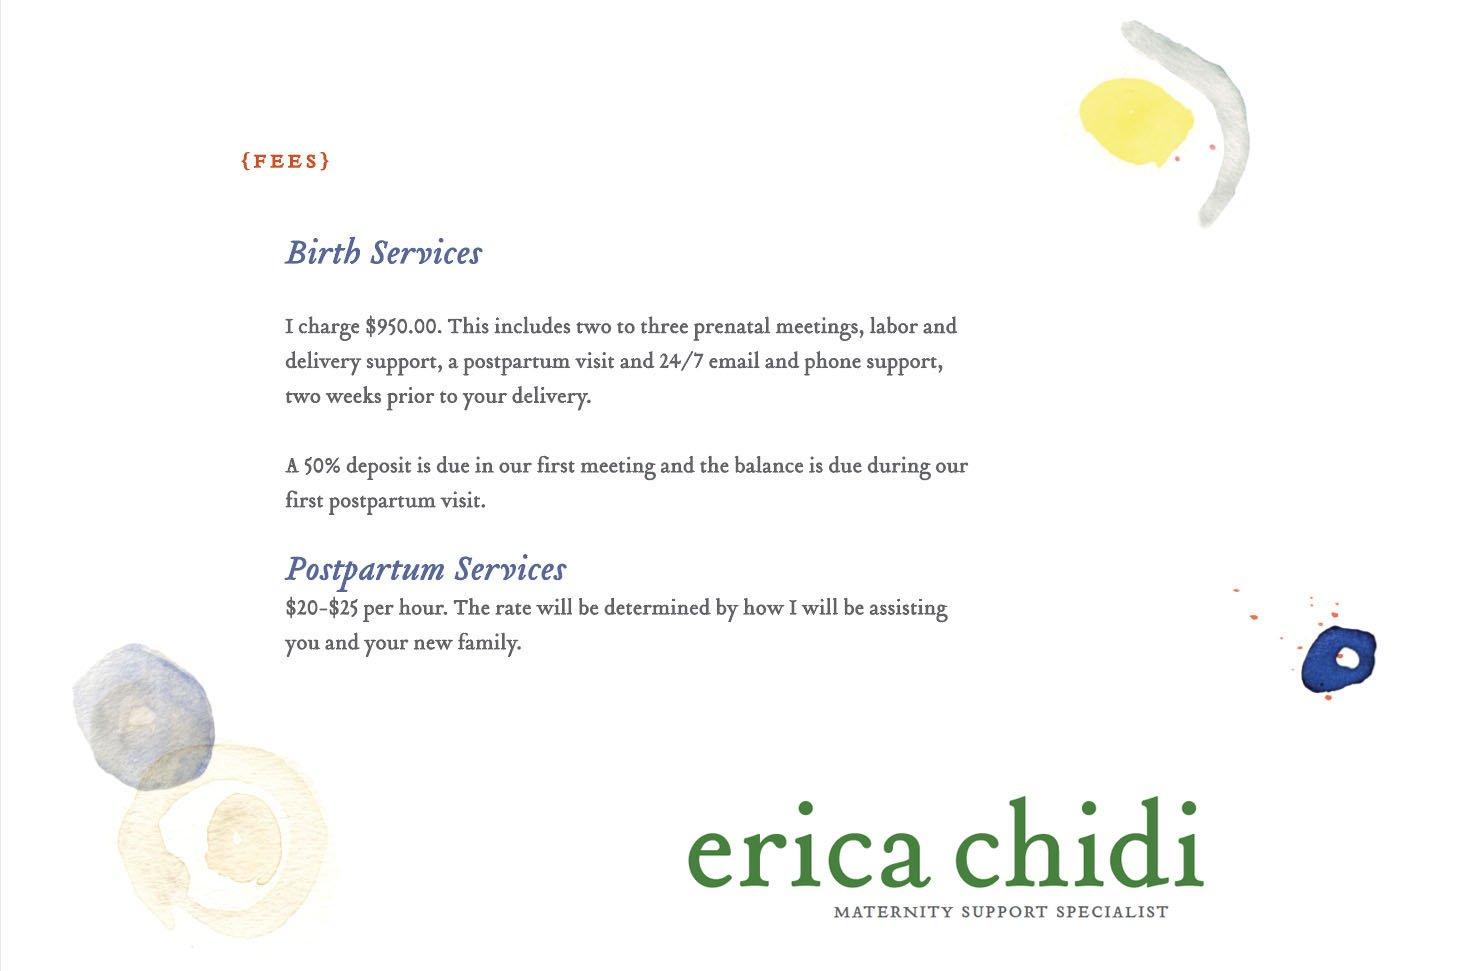 ericachidi-7